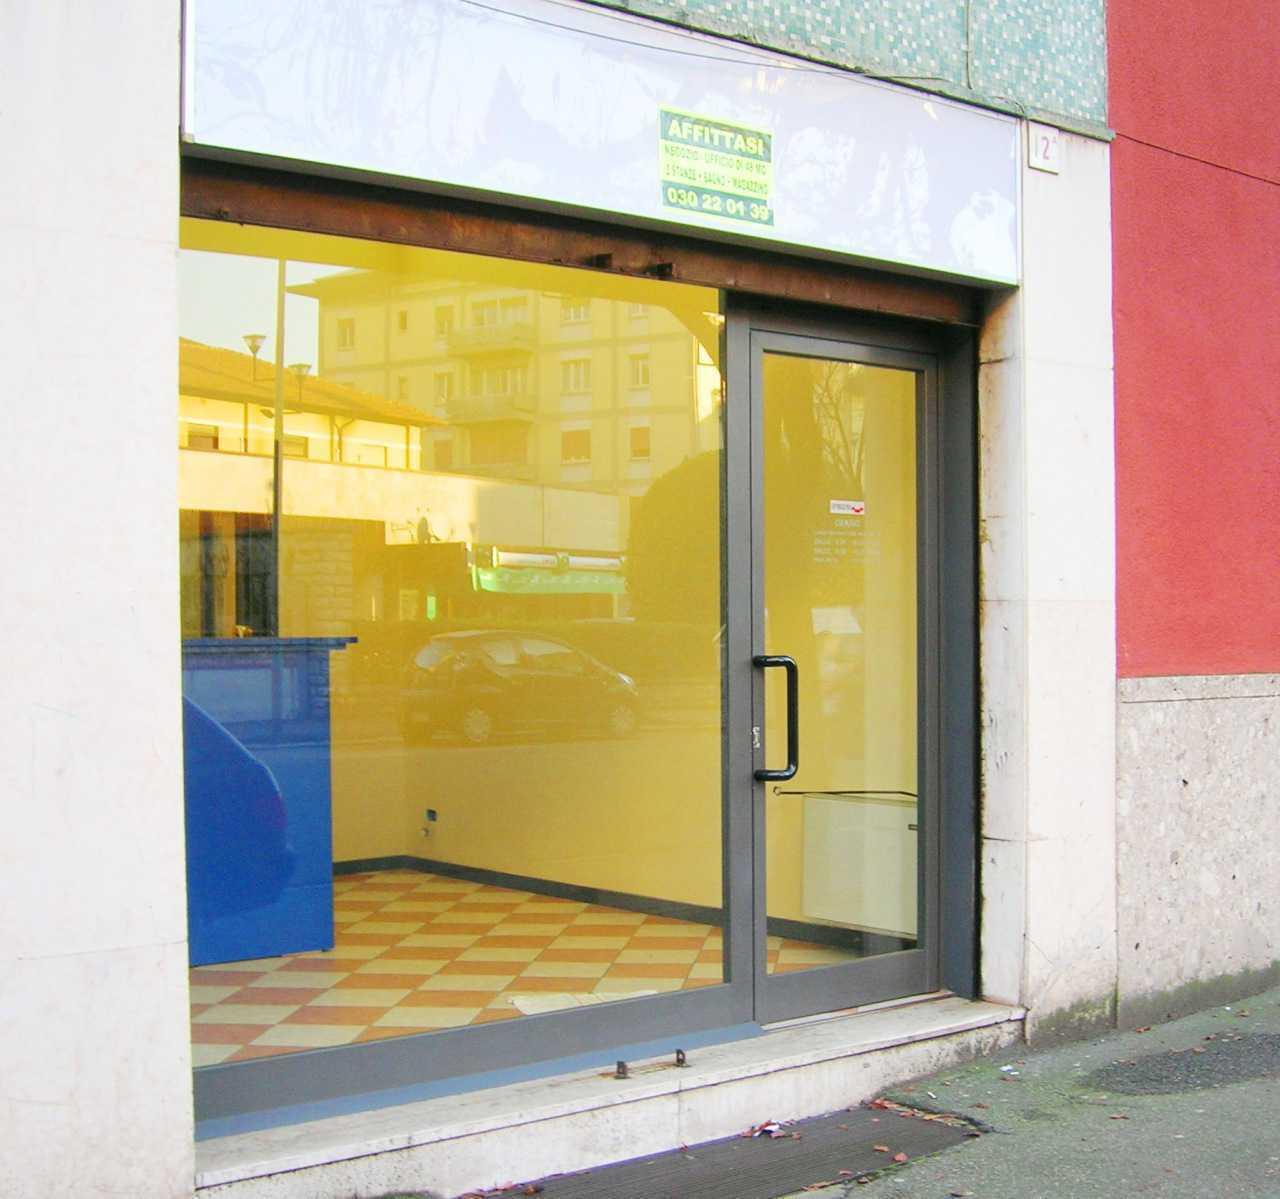 Locale commerciale - 1 Vetrina a CITTA' - Zona Est, Brescia